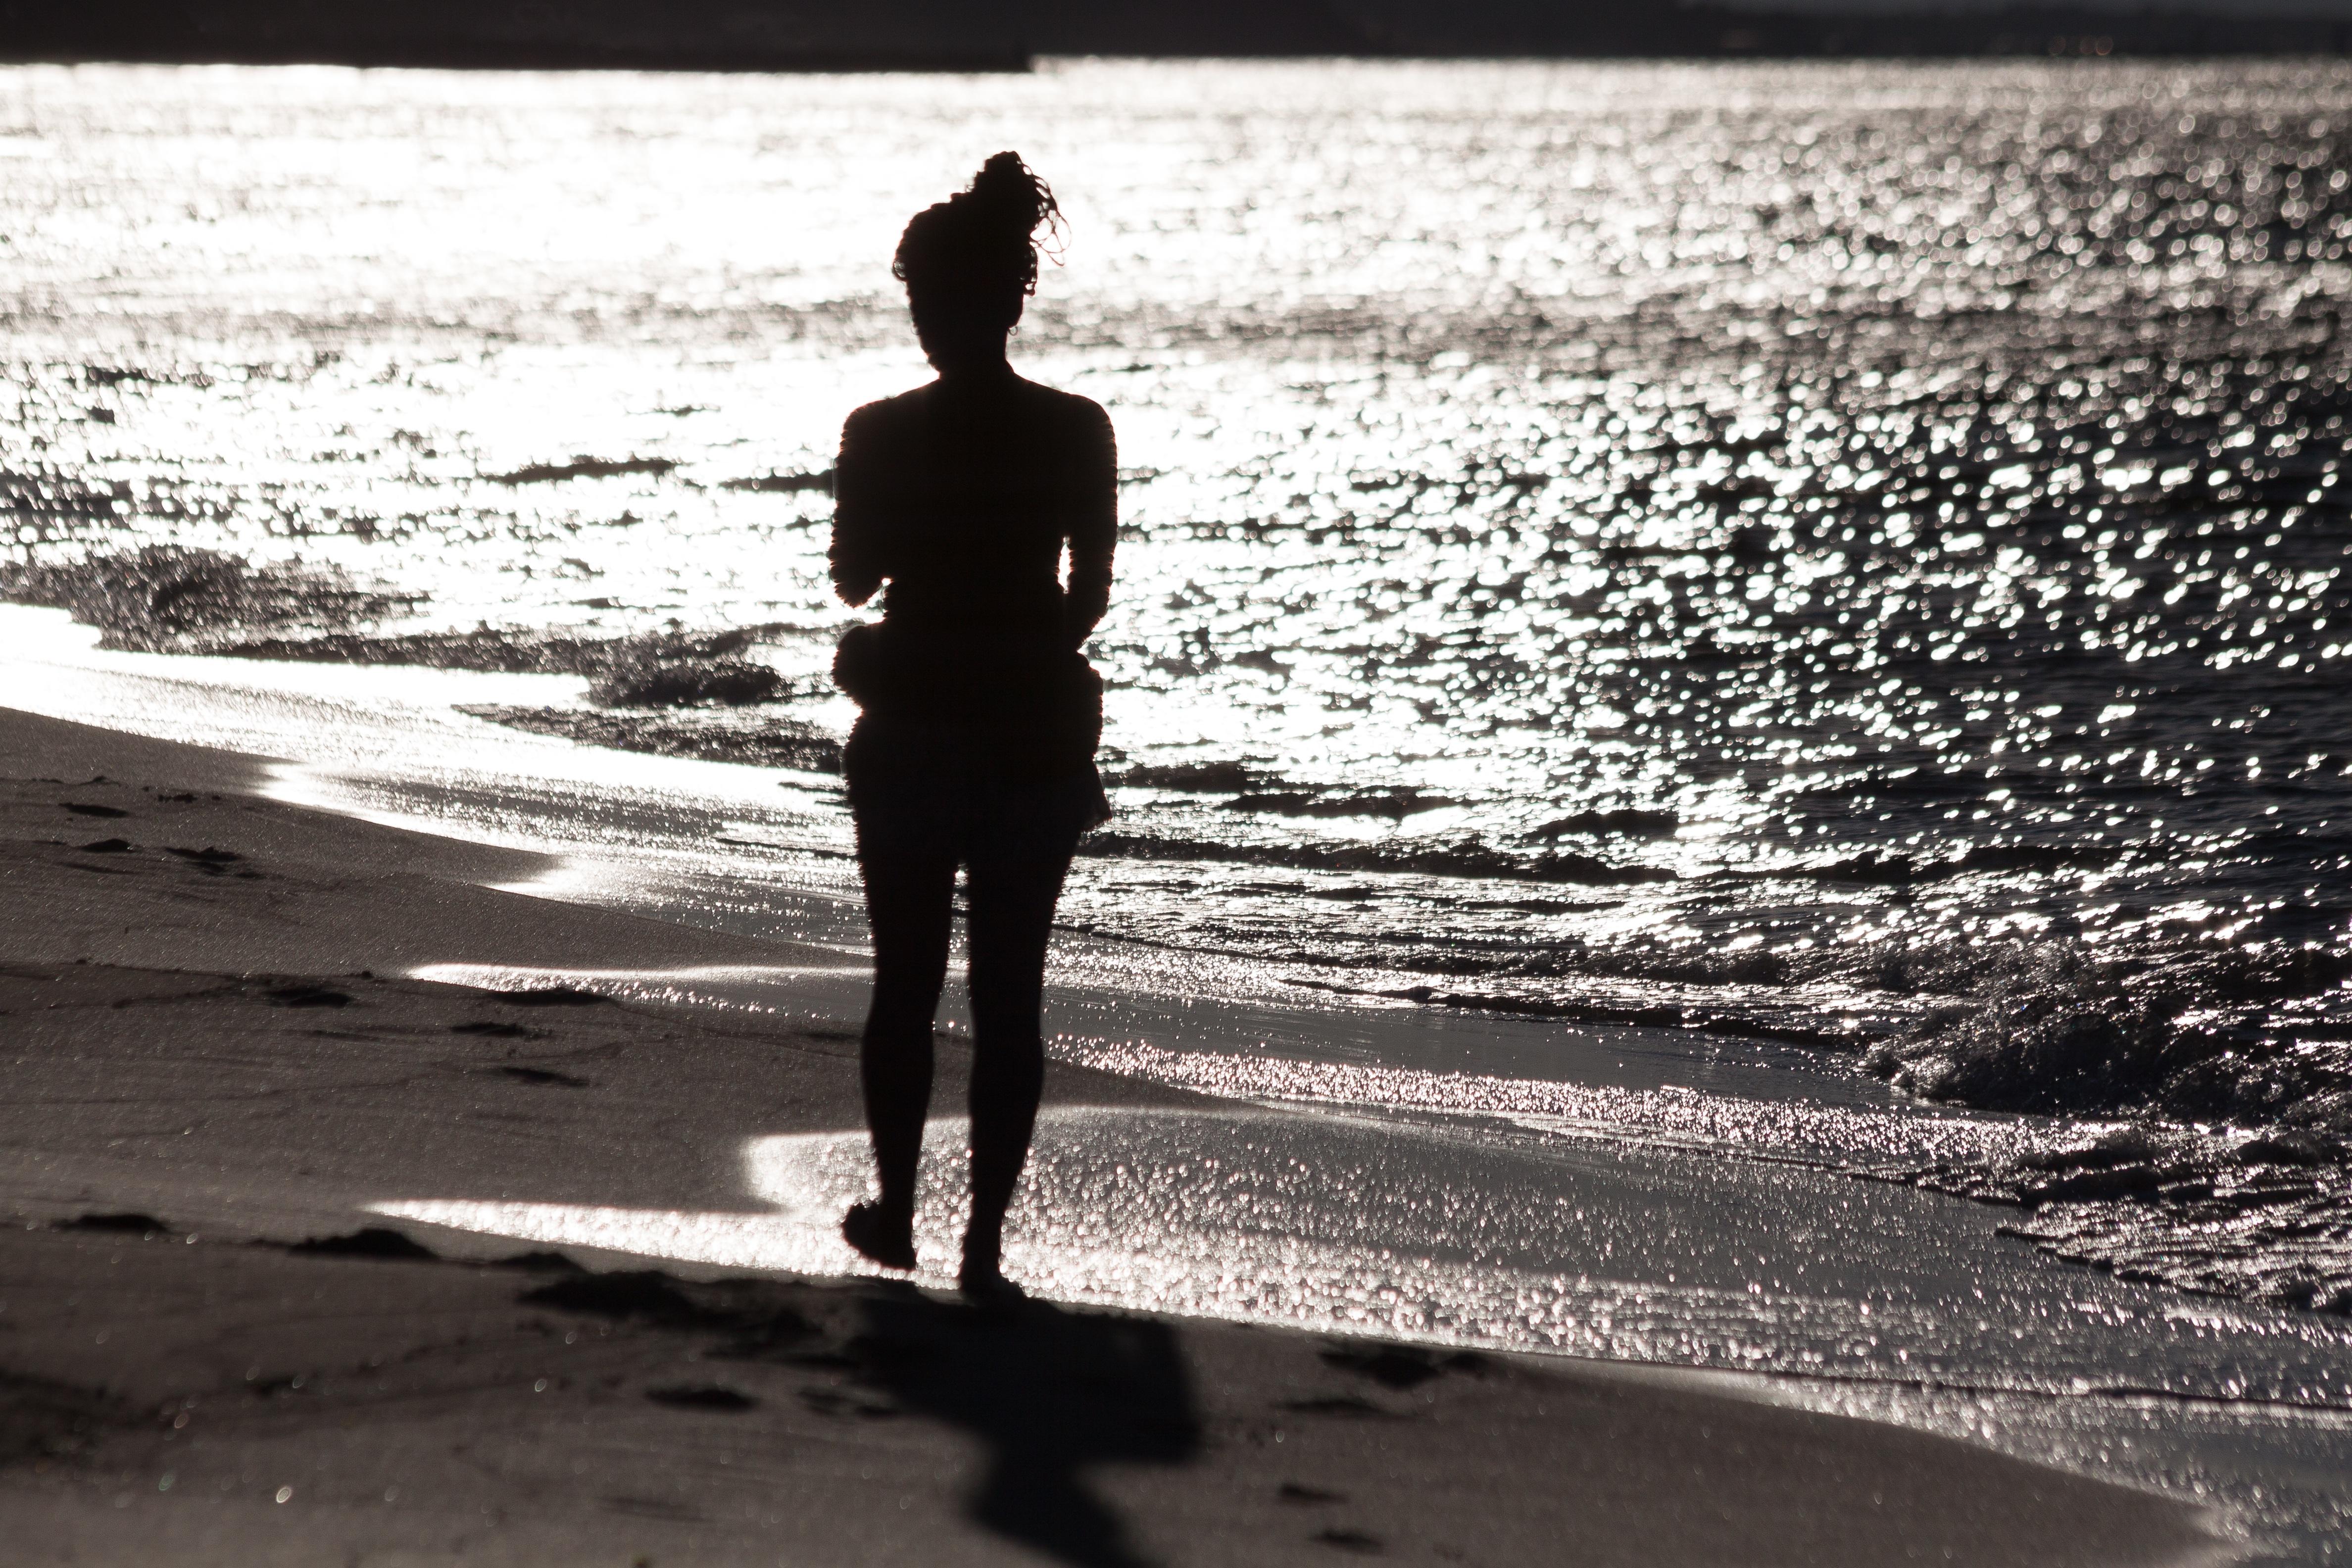 создает психологические фото море с силуэтом человека виднеется крытая соломой